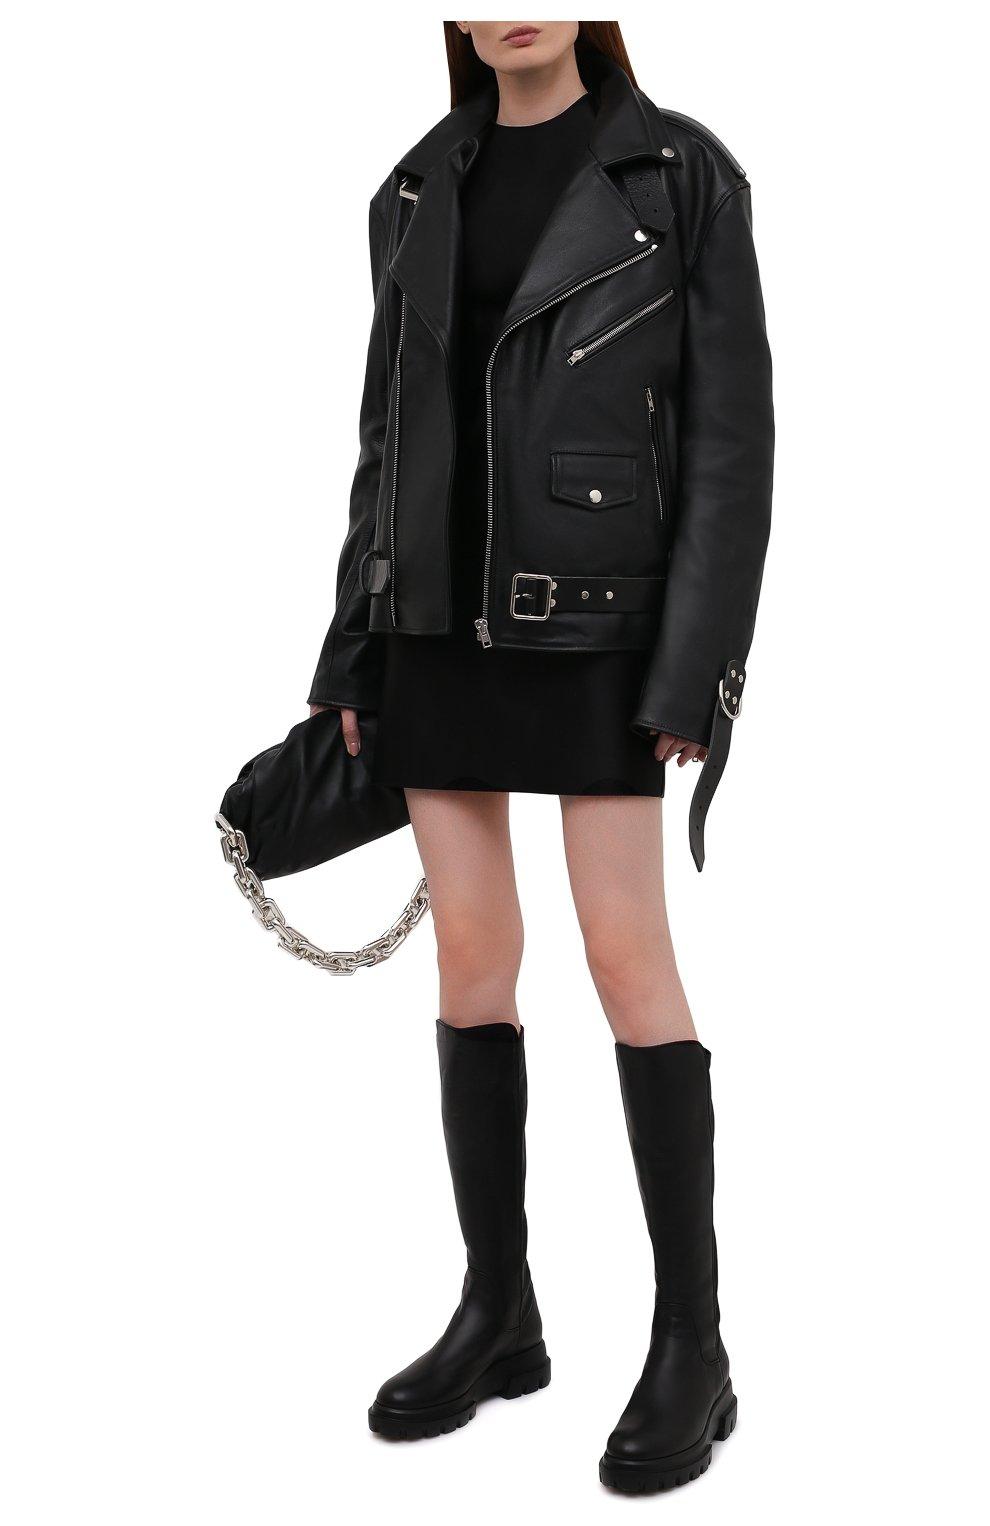 Женские кожаные сапоги AGL черного цвета, арт. D756564PGKA1121049 | Фото 2 (Материал внешний: Текстиль; Подошва: Платформа; Высота голенища: Средние; Каблук высота: Низкий; Материал внутренний: Натуральная кожа; Каблук тип: Устойчивый)